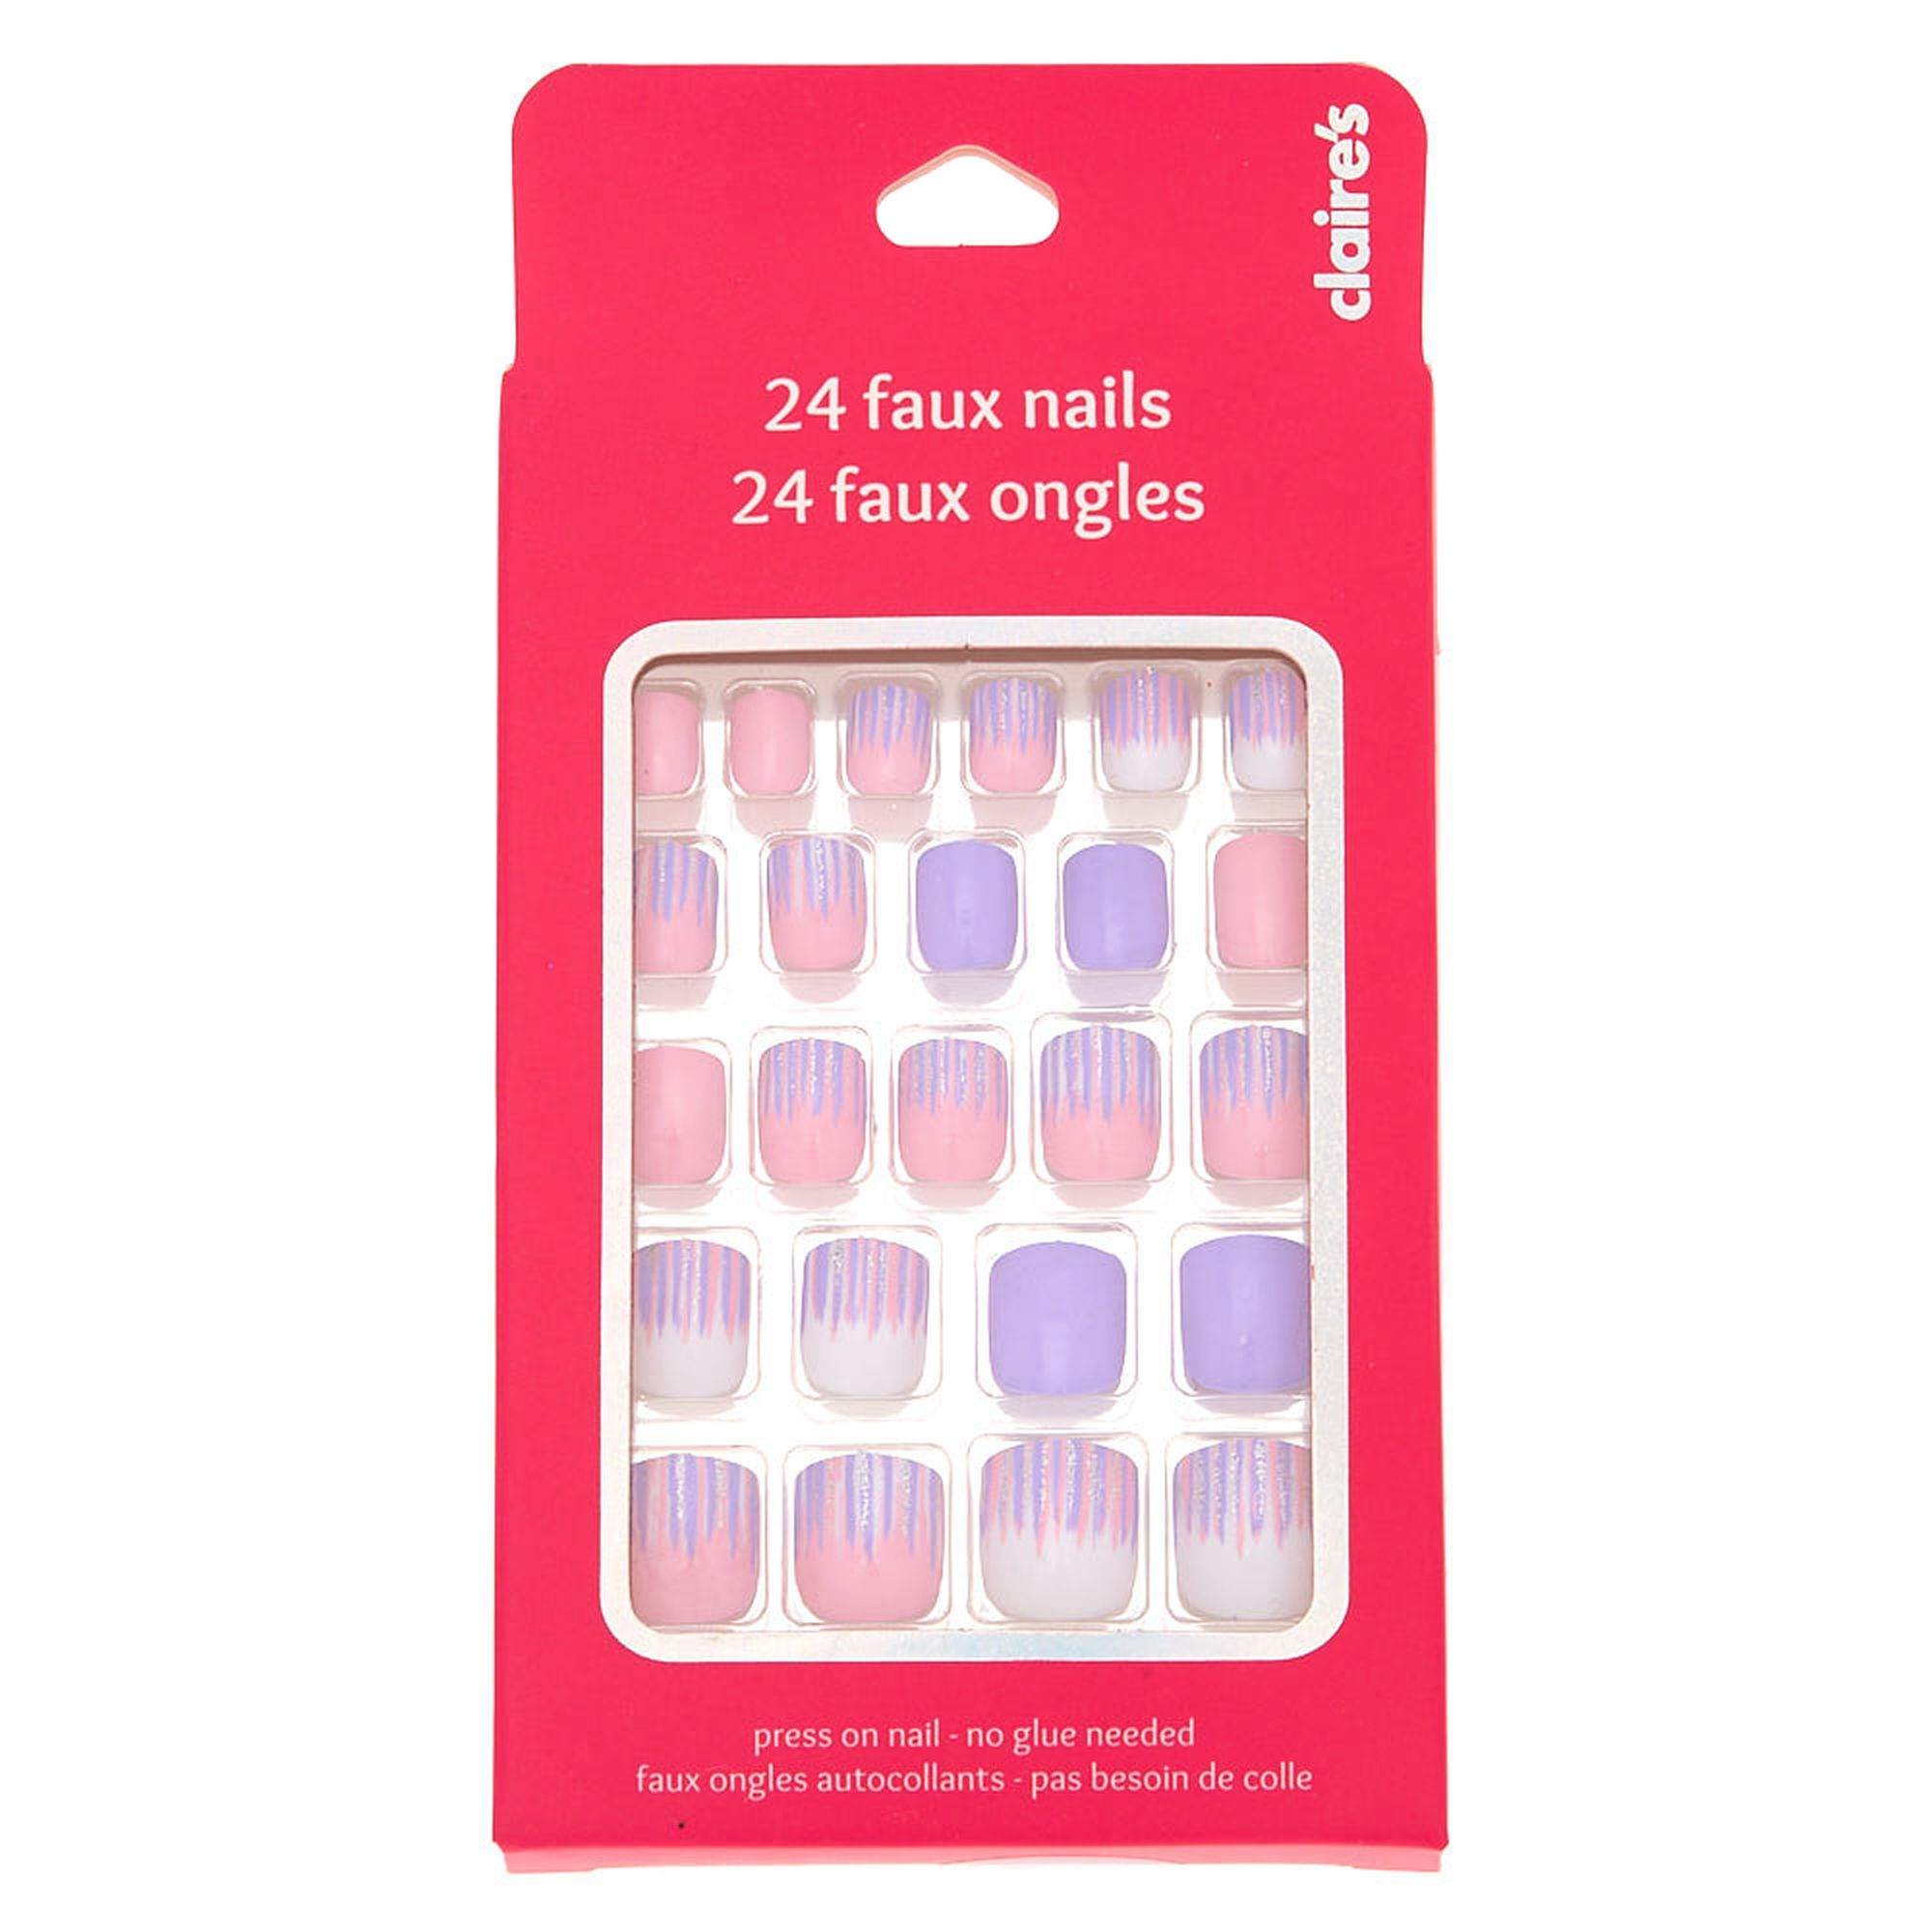 Brushed Stripe Square Press On Faux Nail Set 24 Pack Fake Nails For Kids Nail Set Nails For Kids